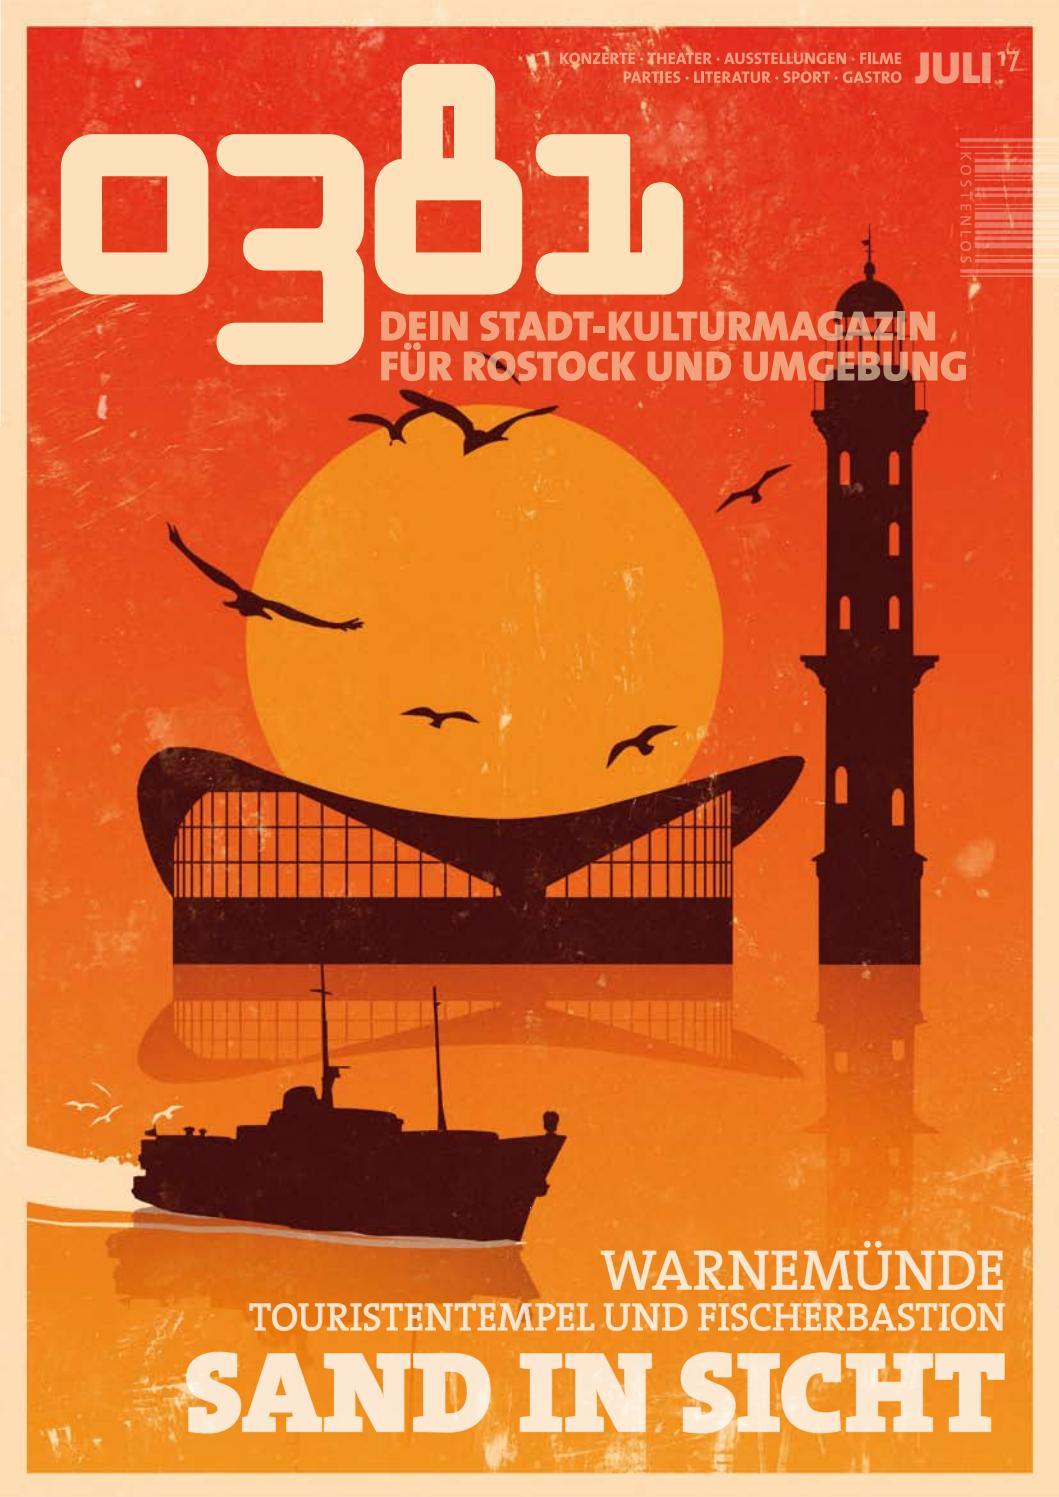 0381 – Dein StadtKulturMagazin für Rostock und Umgebung Juli